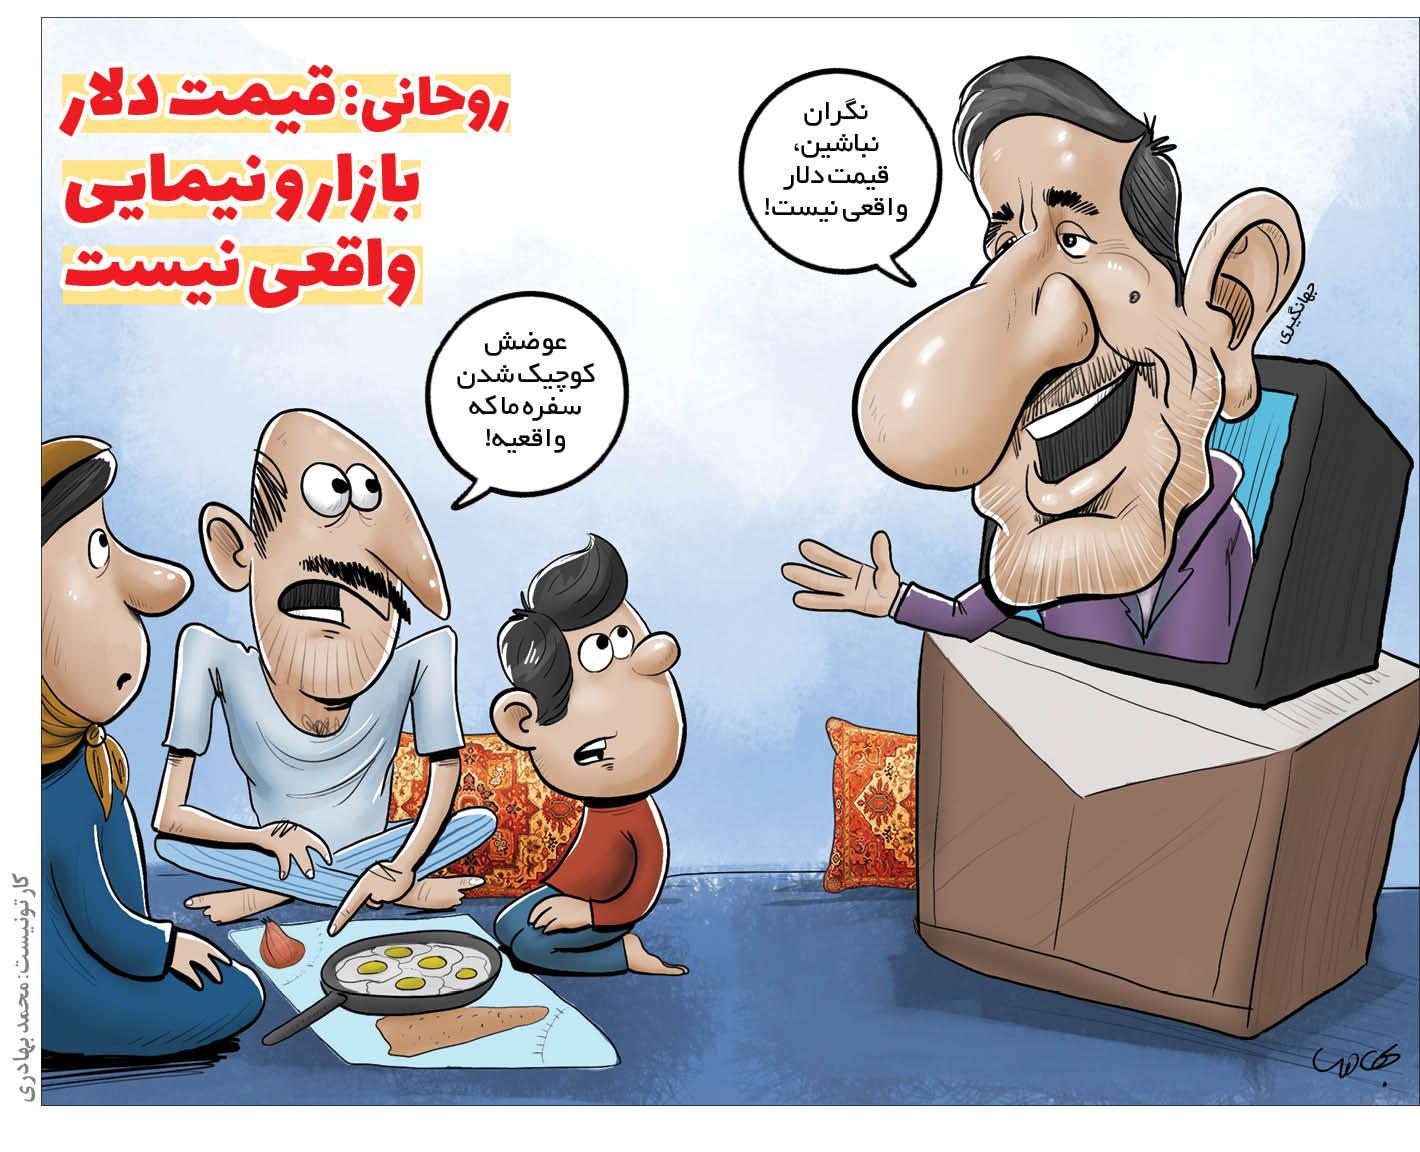 کاریکاتور/ روحانی؛ قیمت دلار بازار و نیمایی واقعی نیست